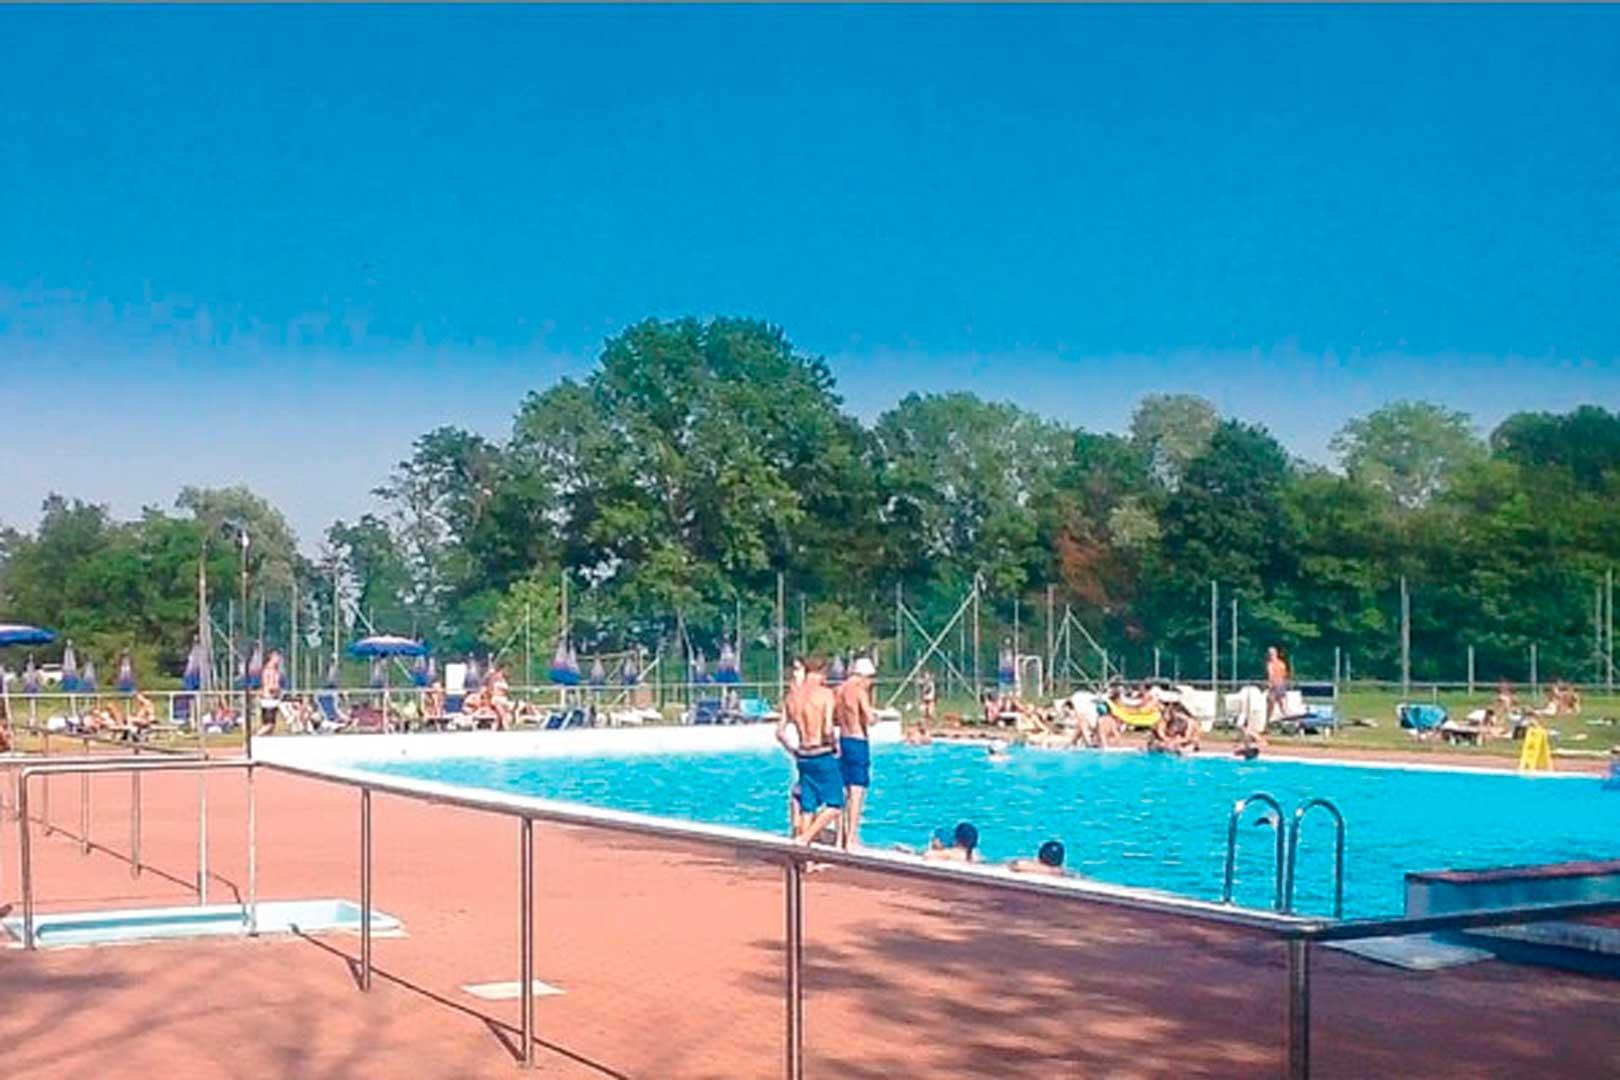 Piscine all 39 aperto a milano e dintorni flawless milano - Milano sport piscine ...